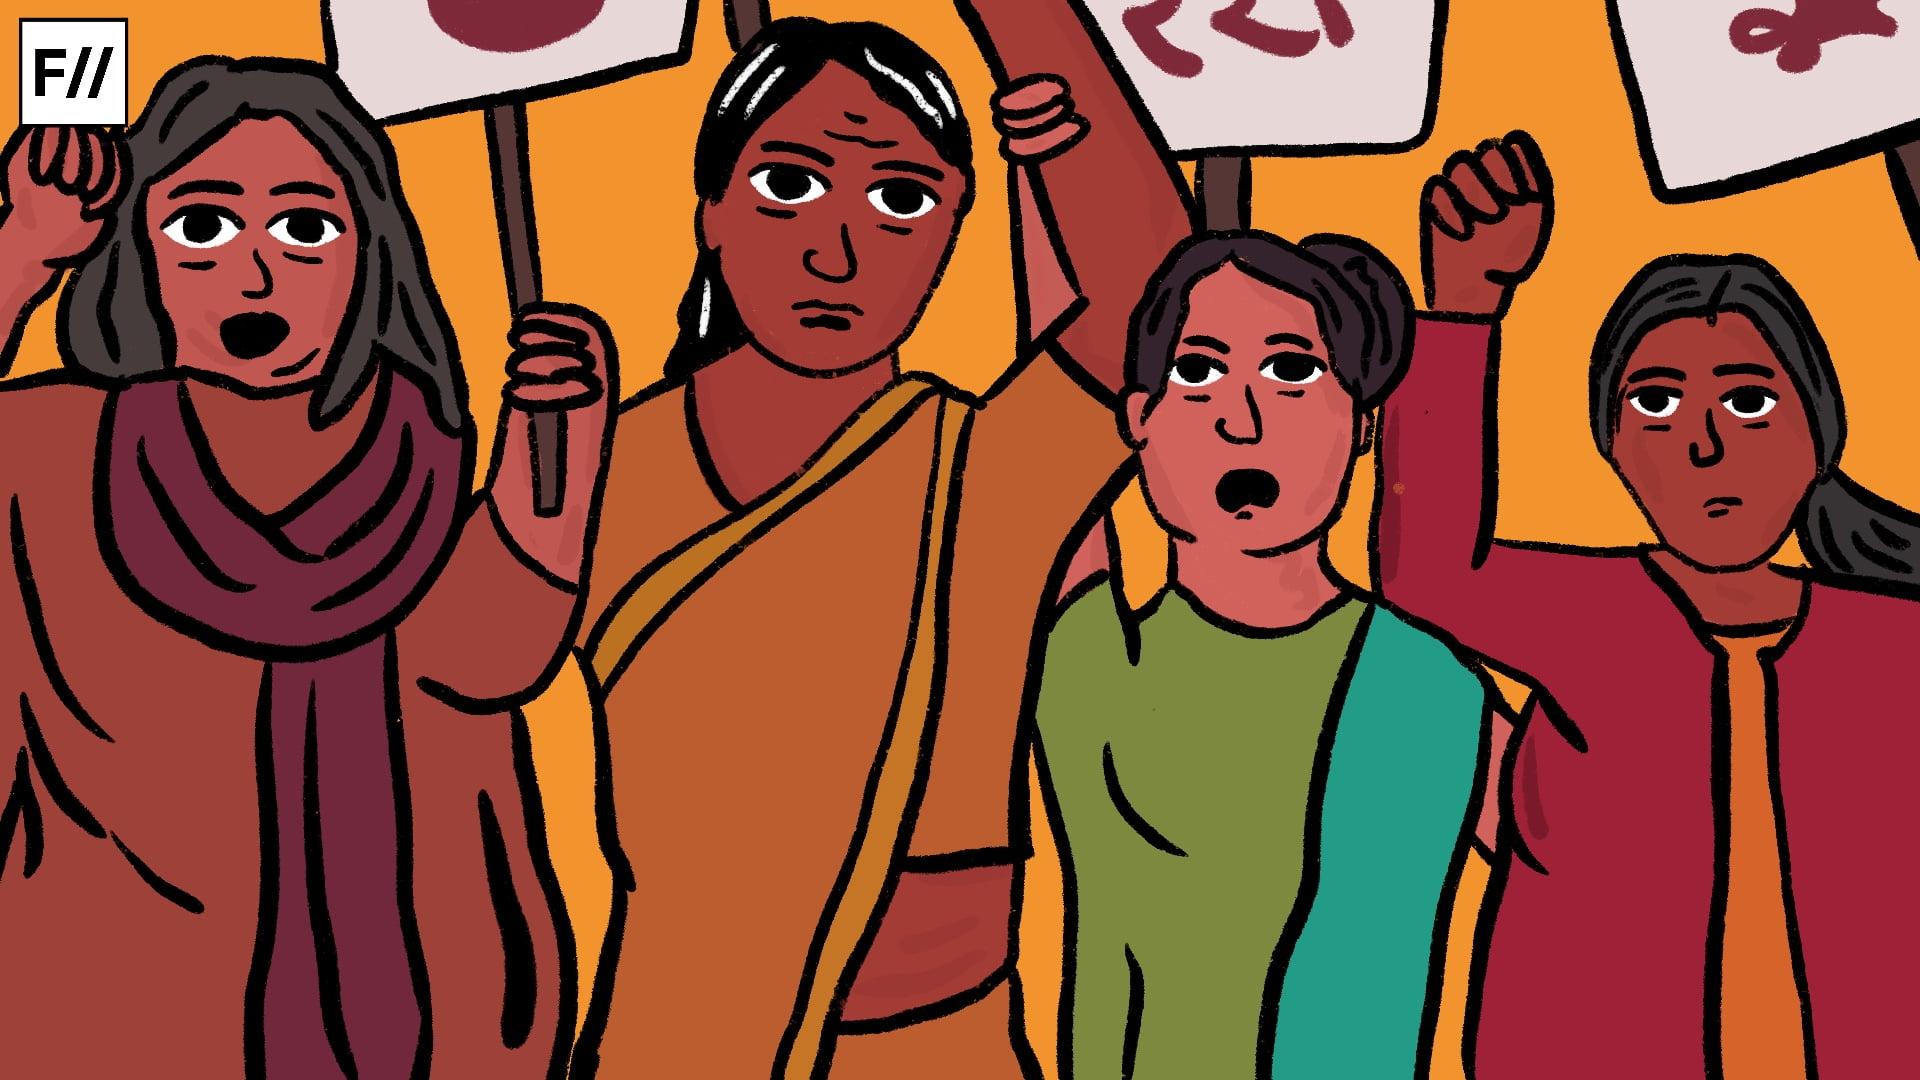 अरक विरोधी आंदोलन : एक आंदोलन जिसने बताया कि शराब से घर कैसे टूटते हैं!